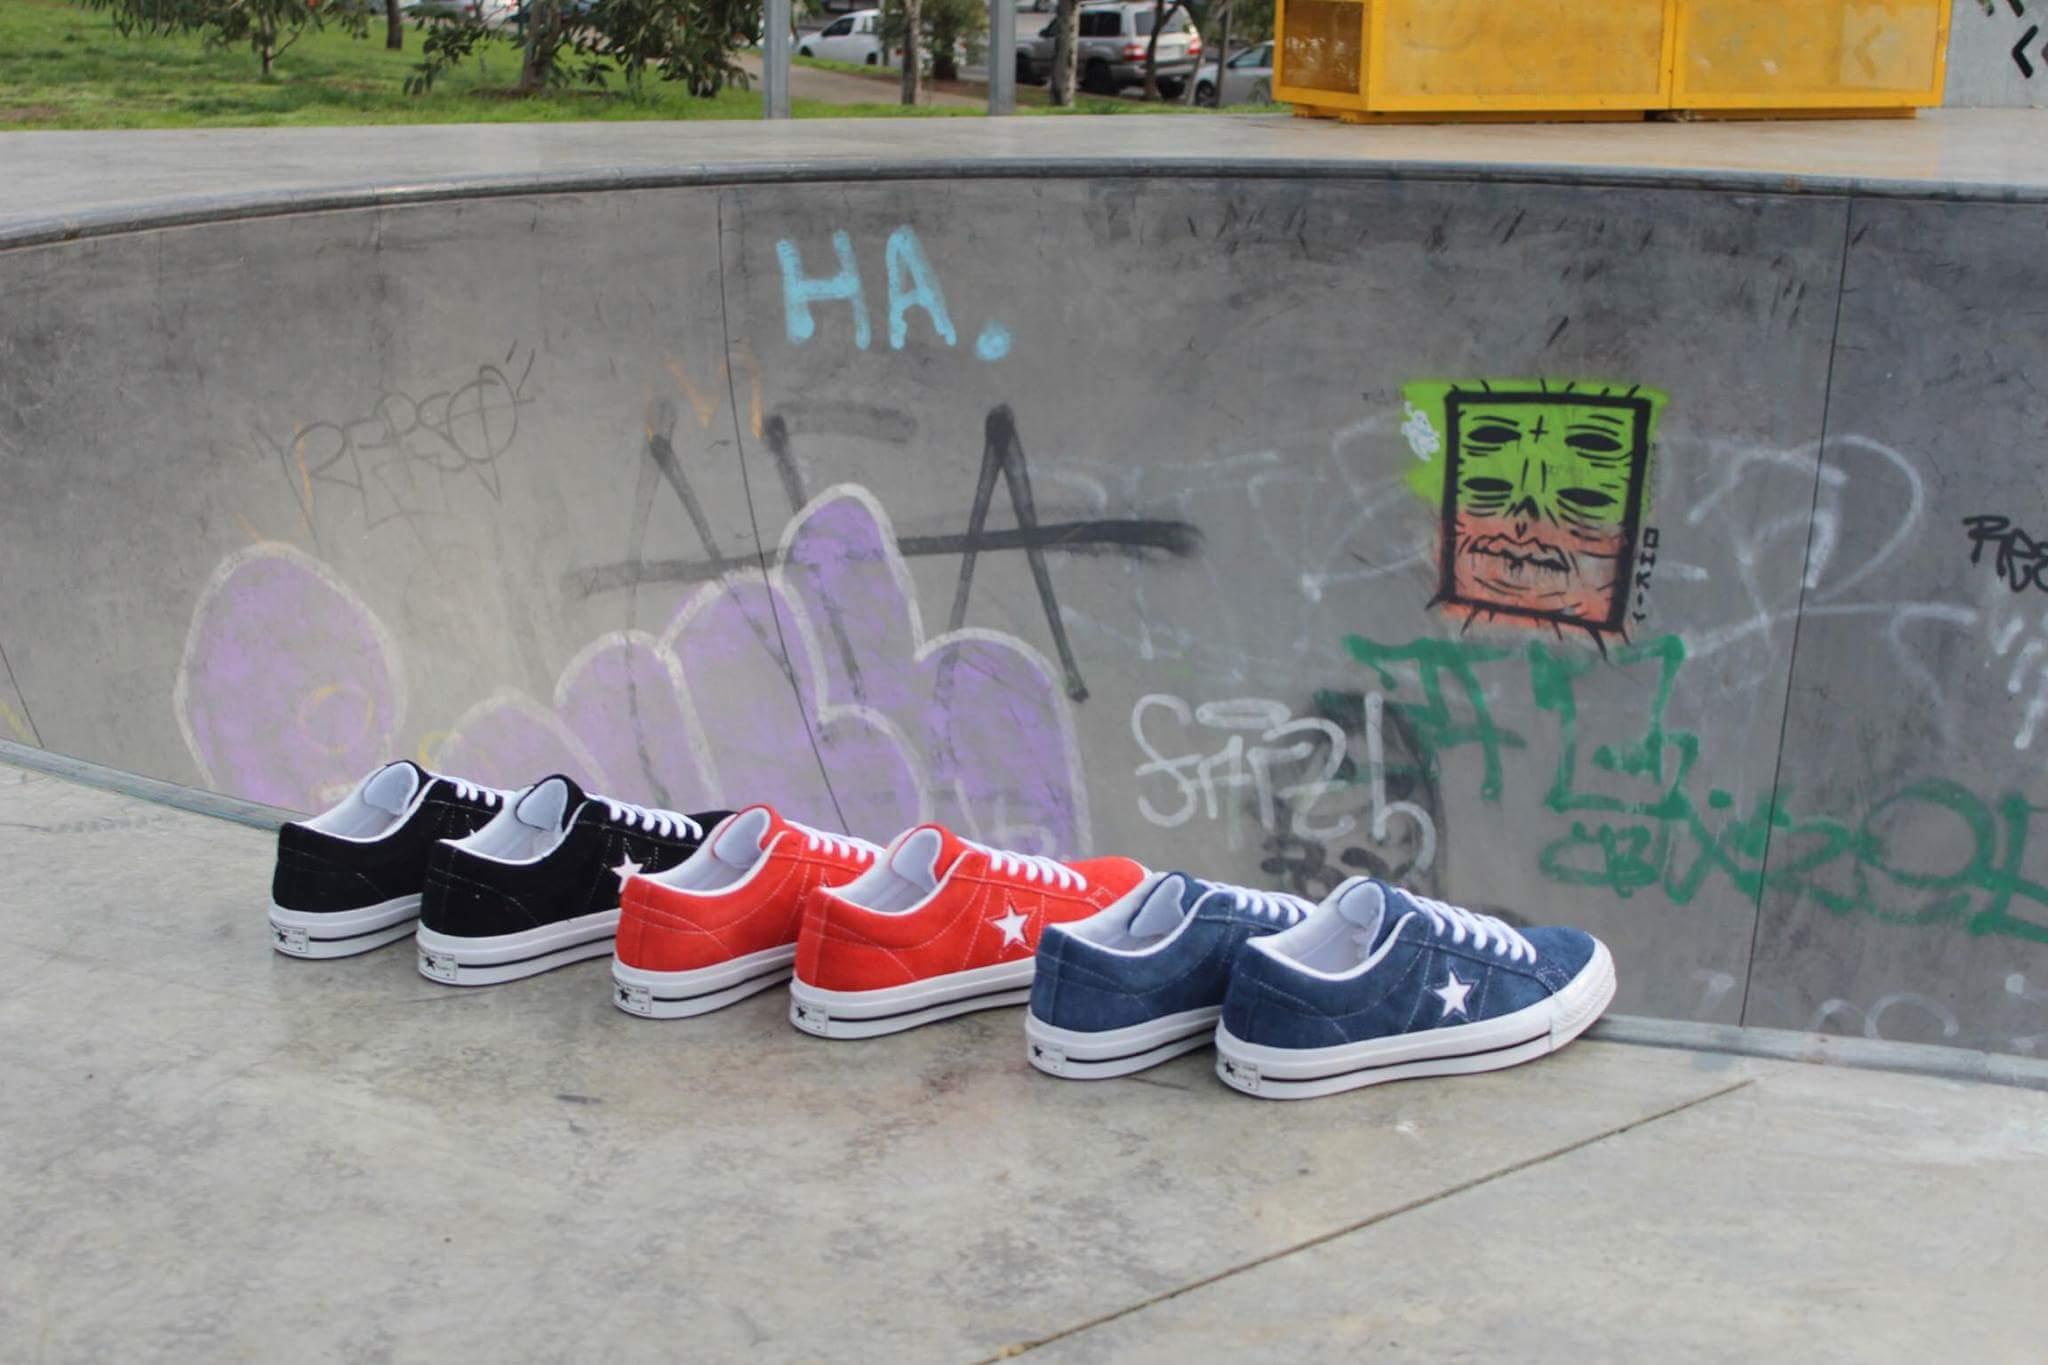 21246217 2013333342219694 8854051510750731440 o - 7 tiệm sneaker HOT tại Melbourne cho những bạn trẻ năng động